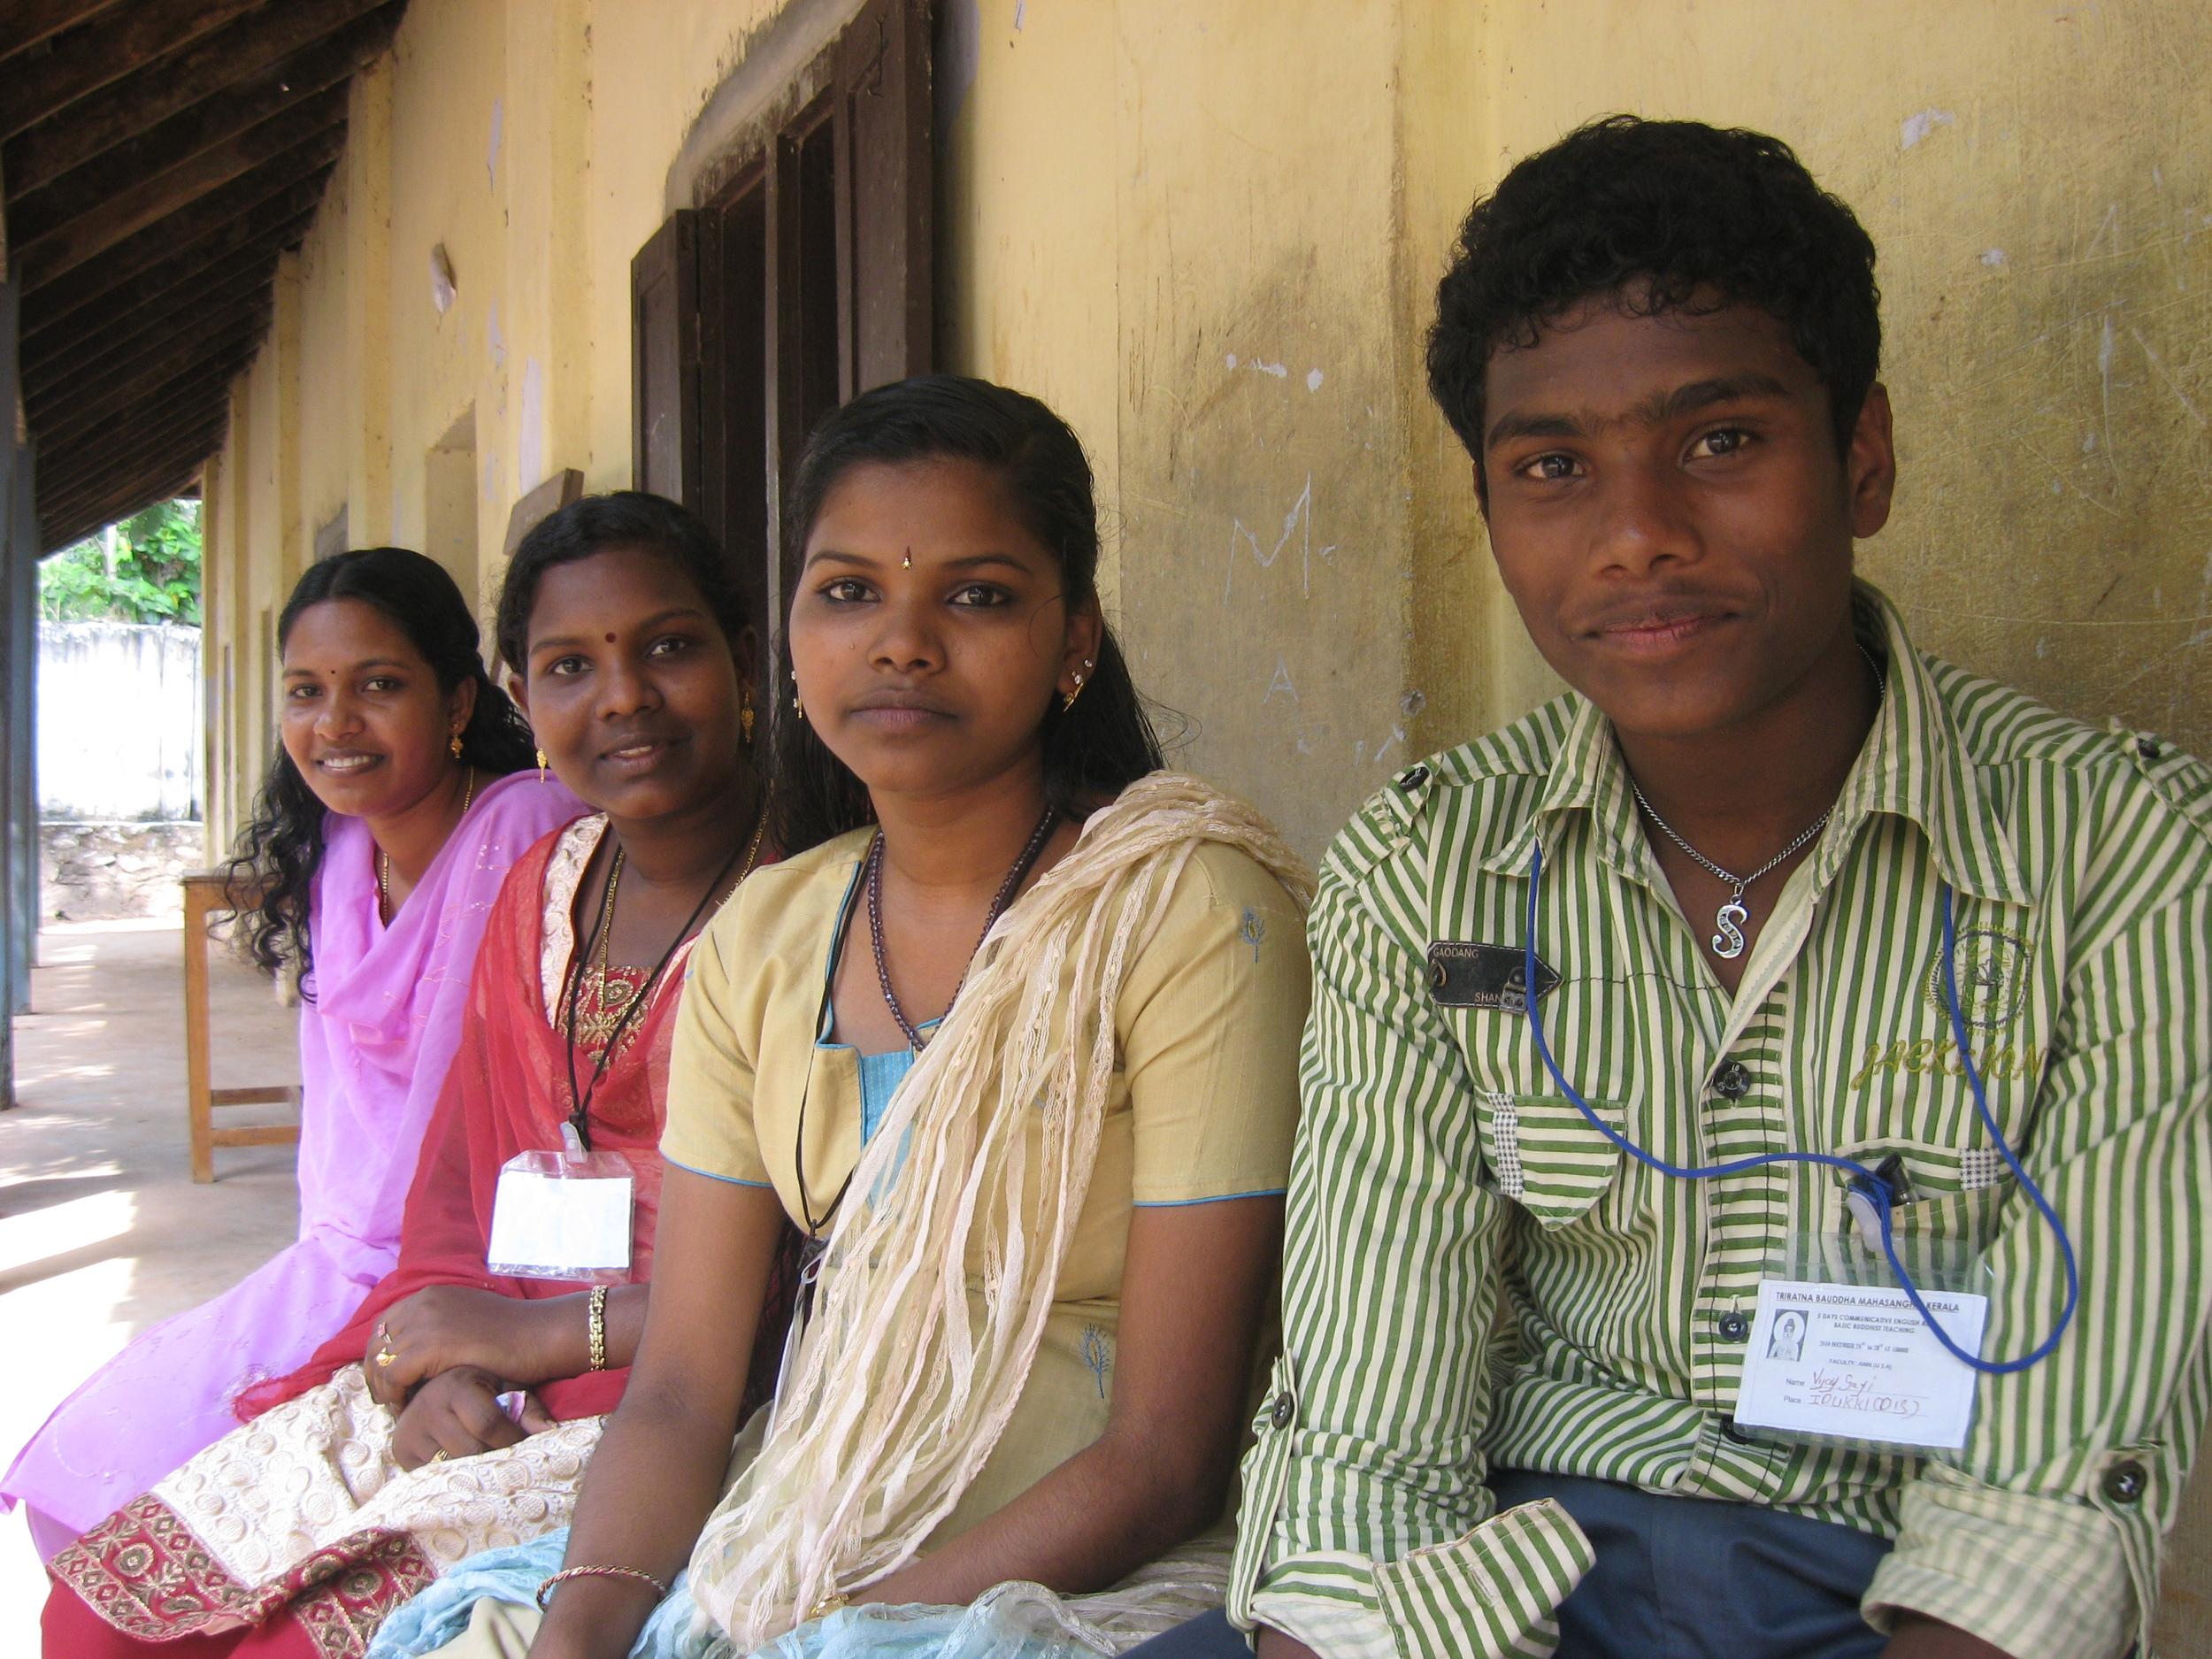 vijay n 3 girls.jpg